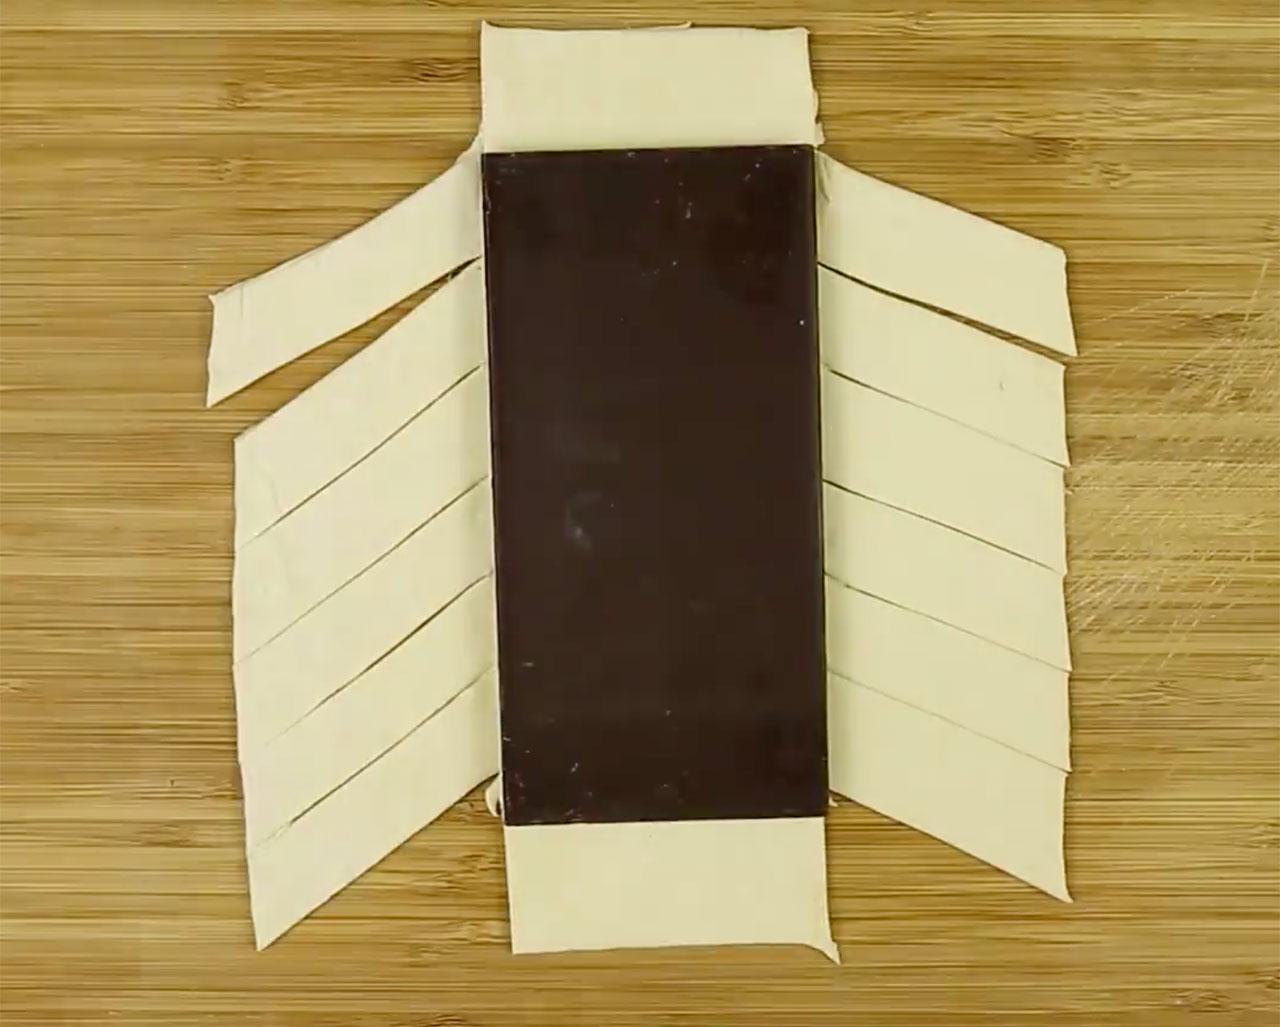 Лист слоеного теста и плитка шоколада